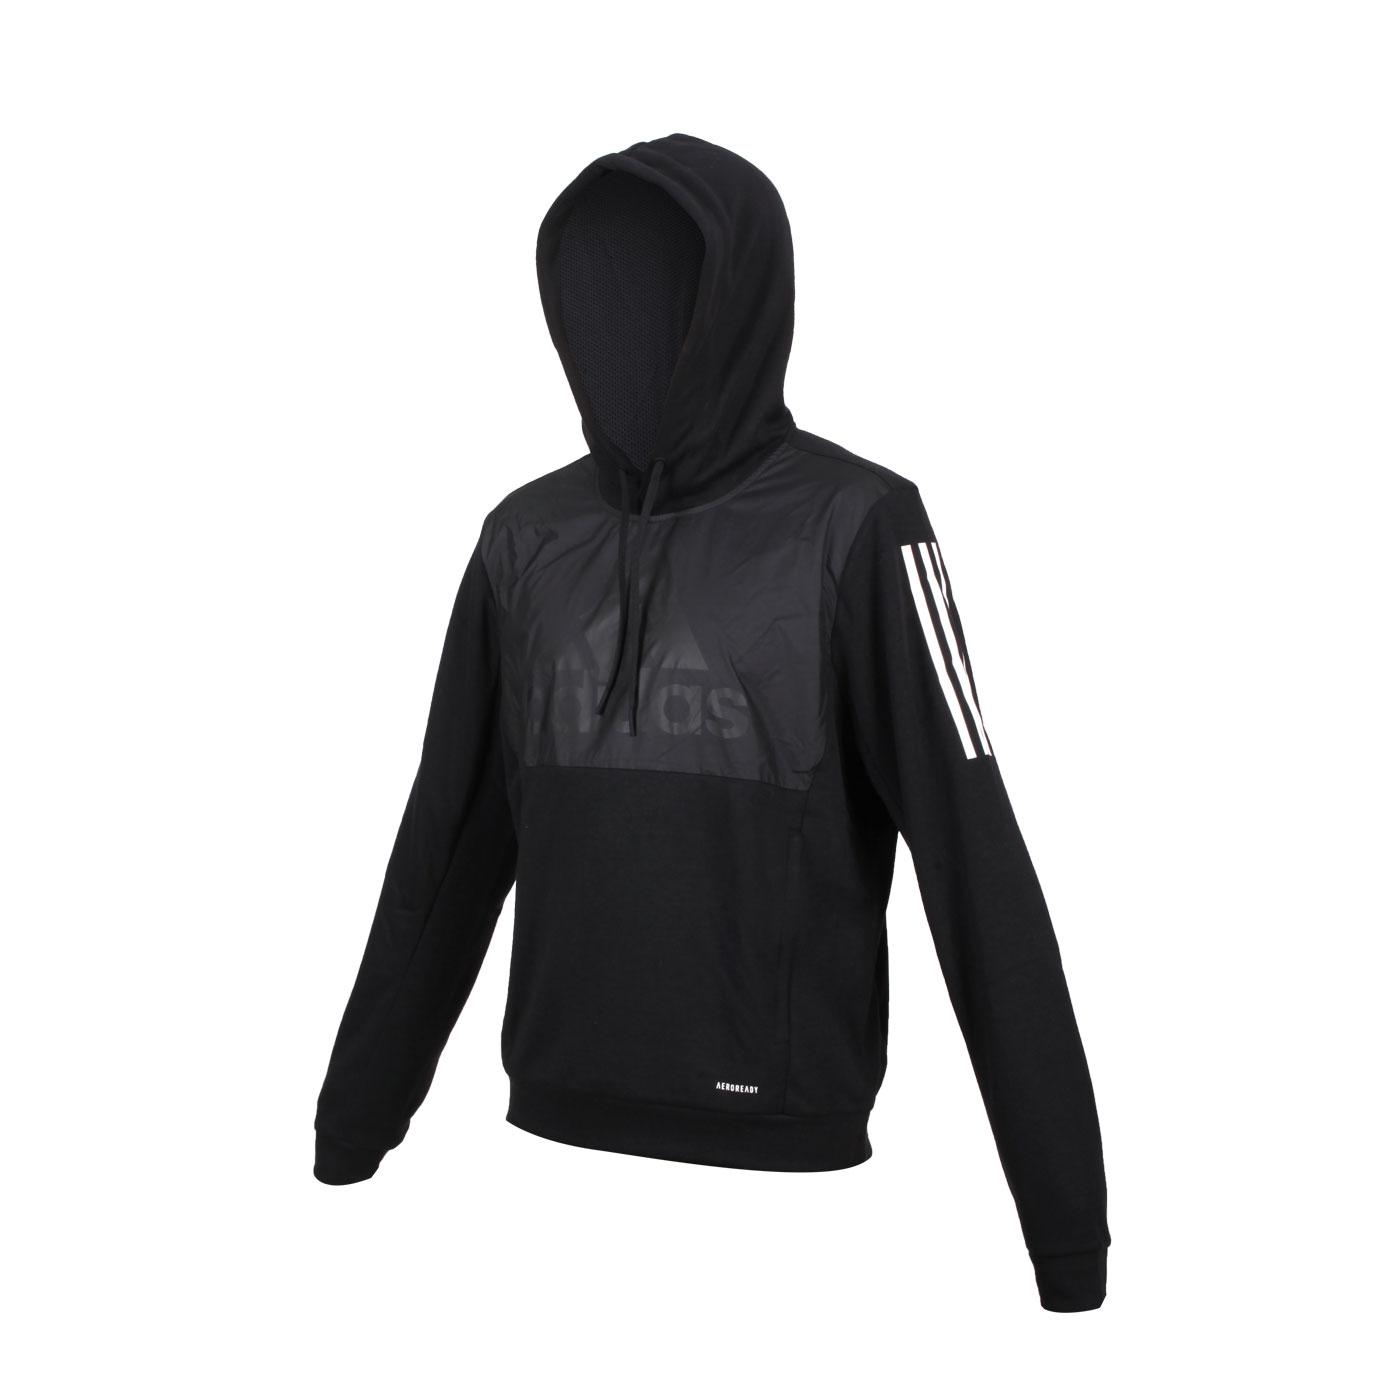 ADIDAS 男款長袖連帽T恤 GK5771 - 黑白